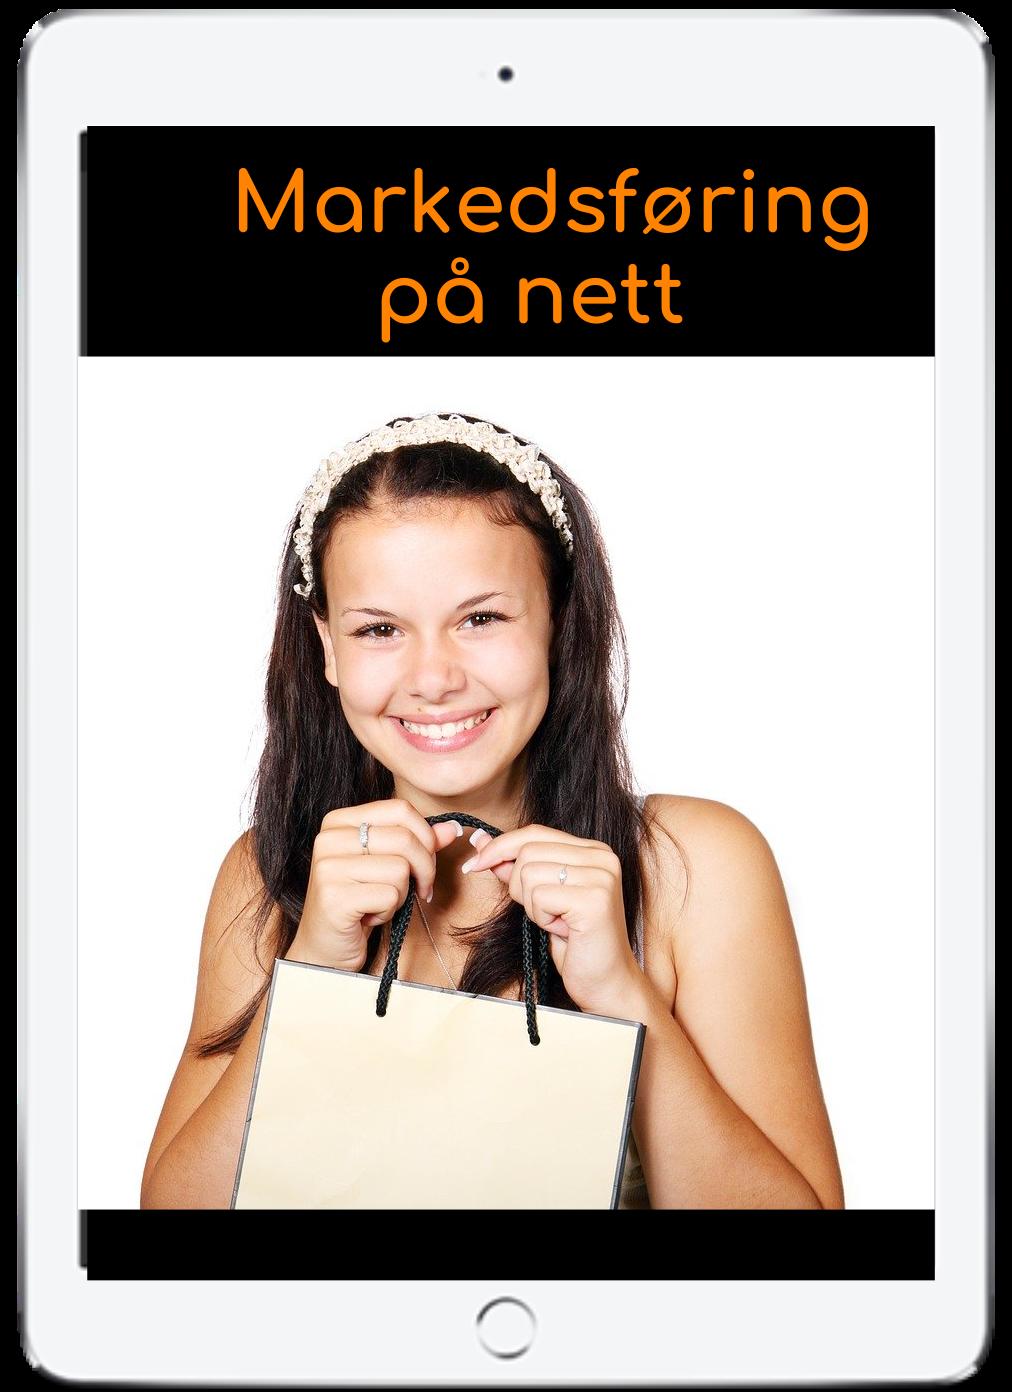 Bilde av kvinne med handlebag.